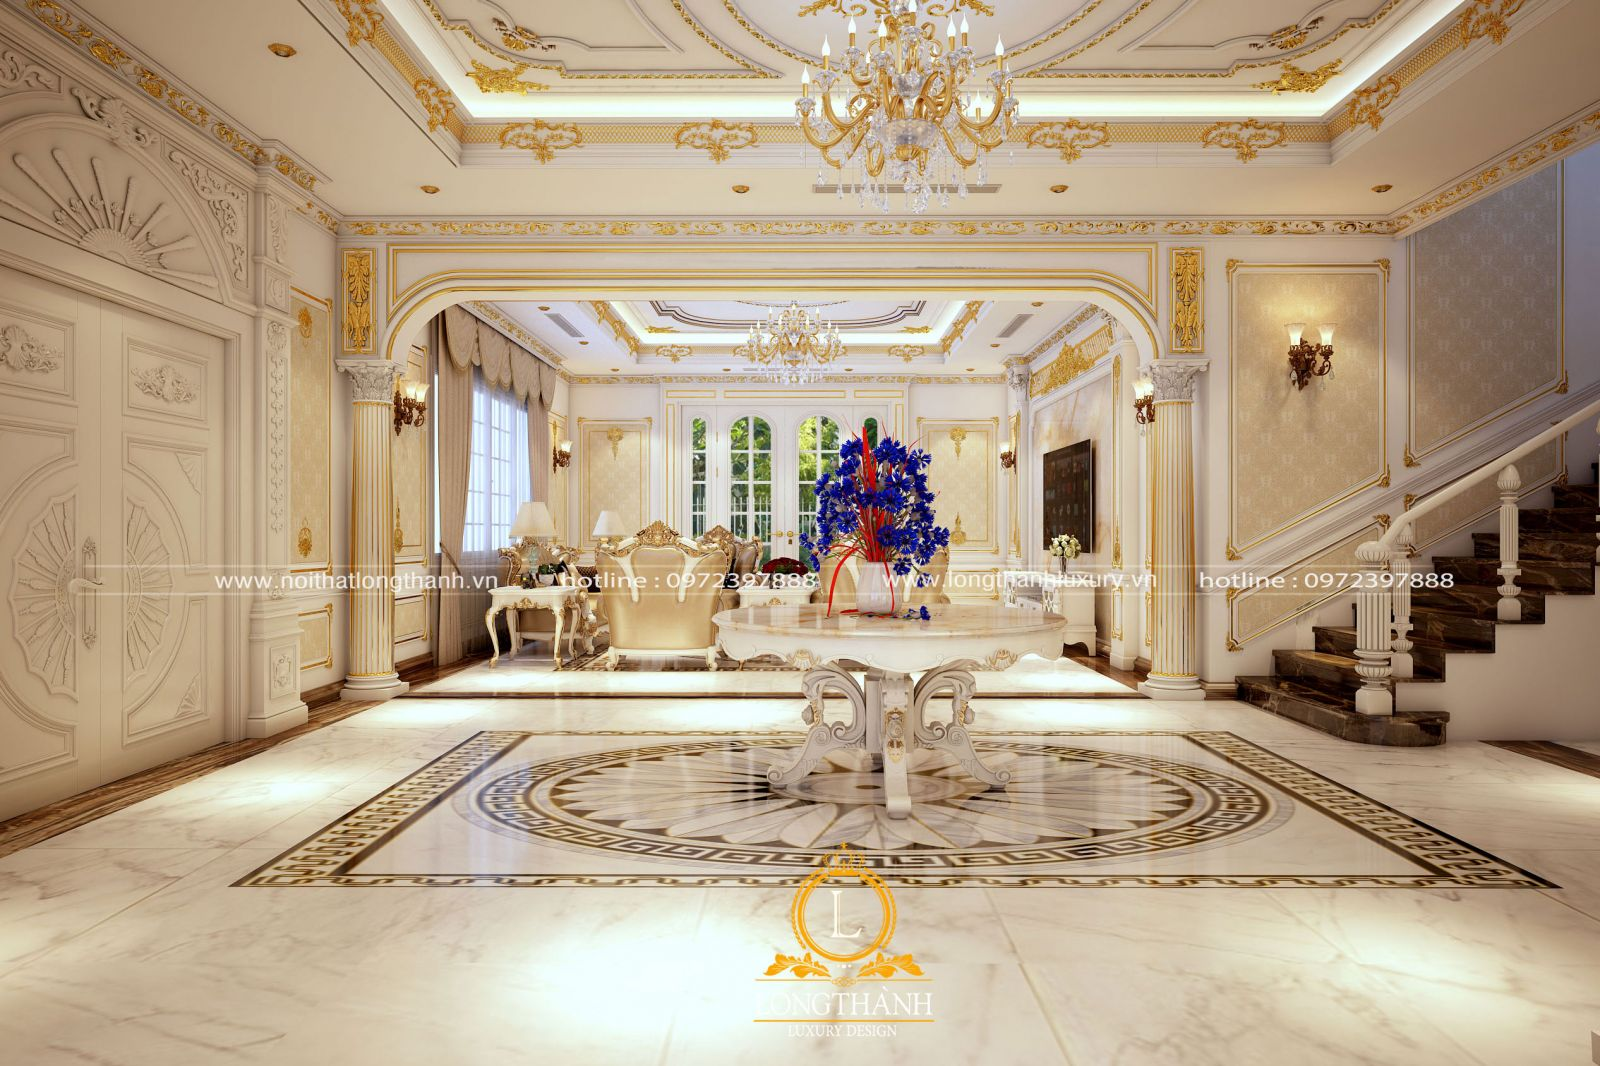 Phòng khách biệt thự đẳng cấp với góc nhìn từ sảnh